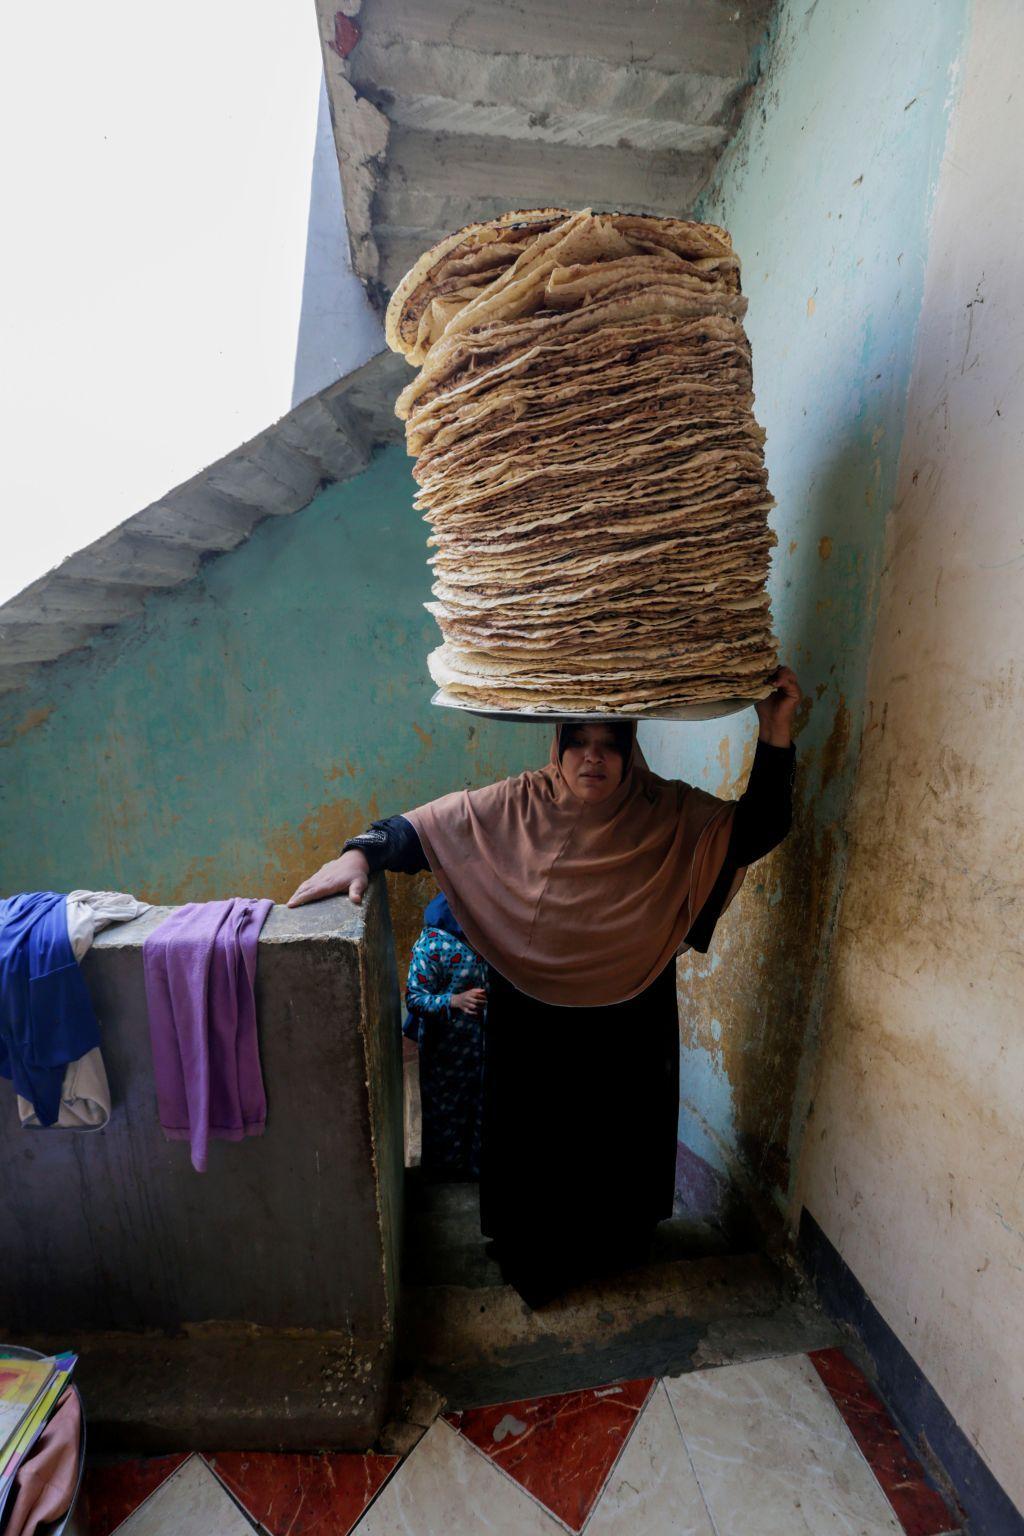 نساء يصنعن الخبز في الريف ويبعنه بالقاهرة في رمضان